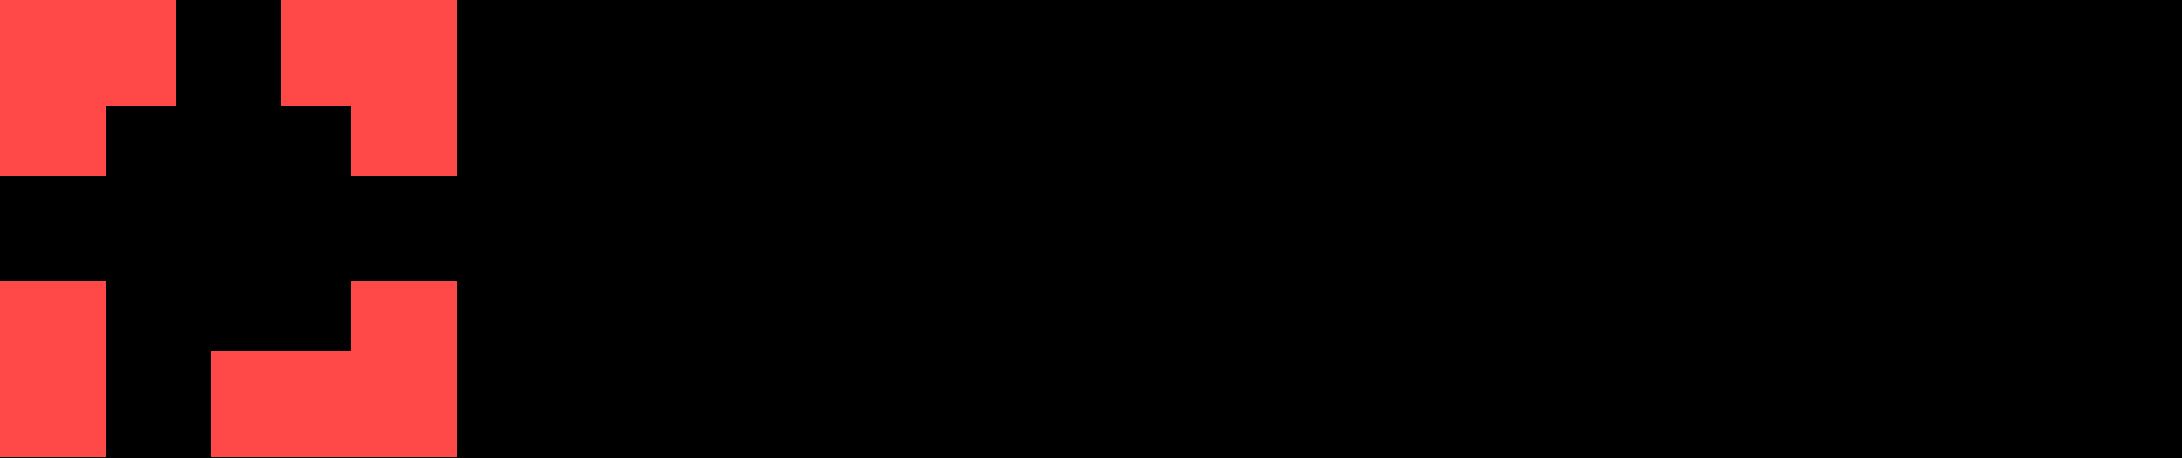 PICSIZE